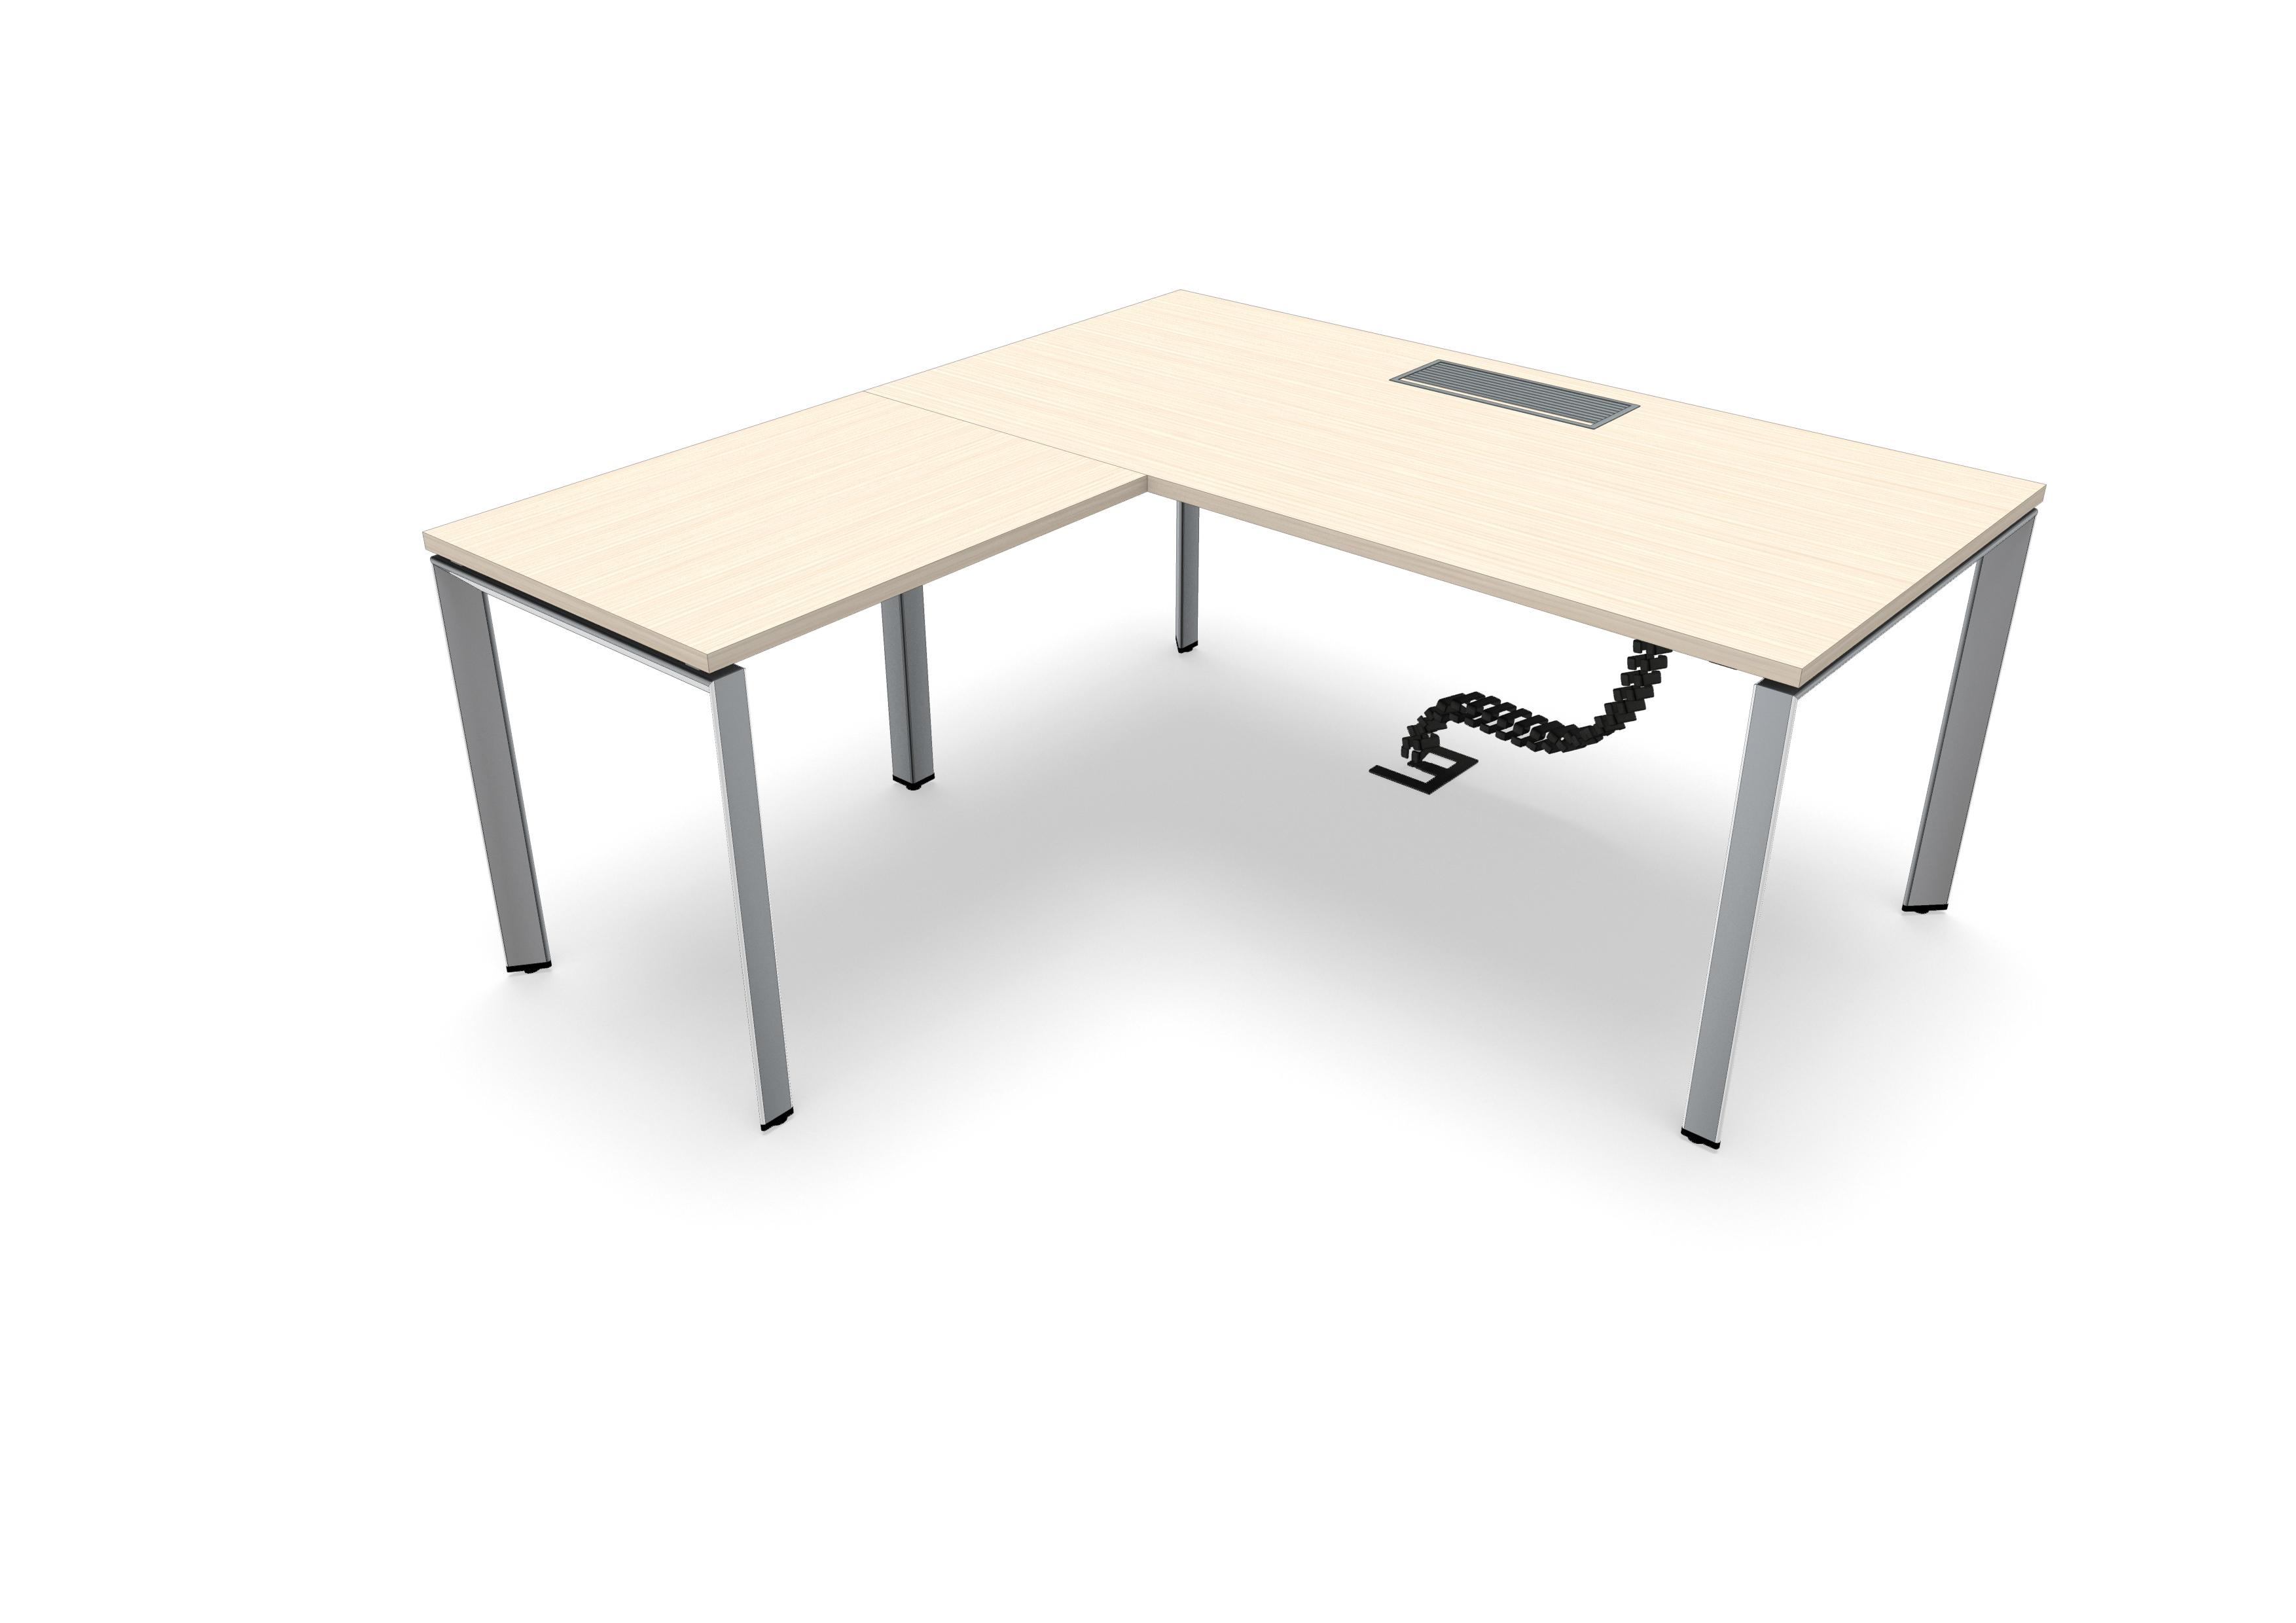 634e563345f65 Bureau droit FrameOne II - l. 160 x pr. 90 cm + retour l. 80 x pr. 60 cm -  top access - piétement arche